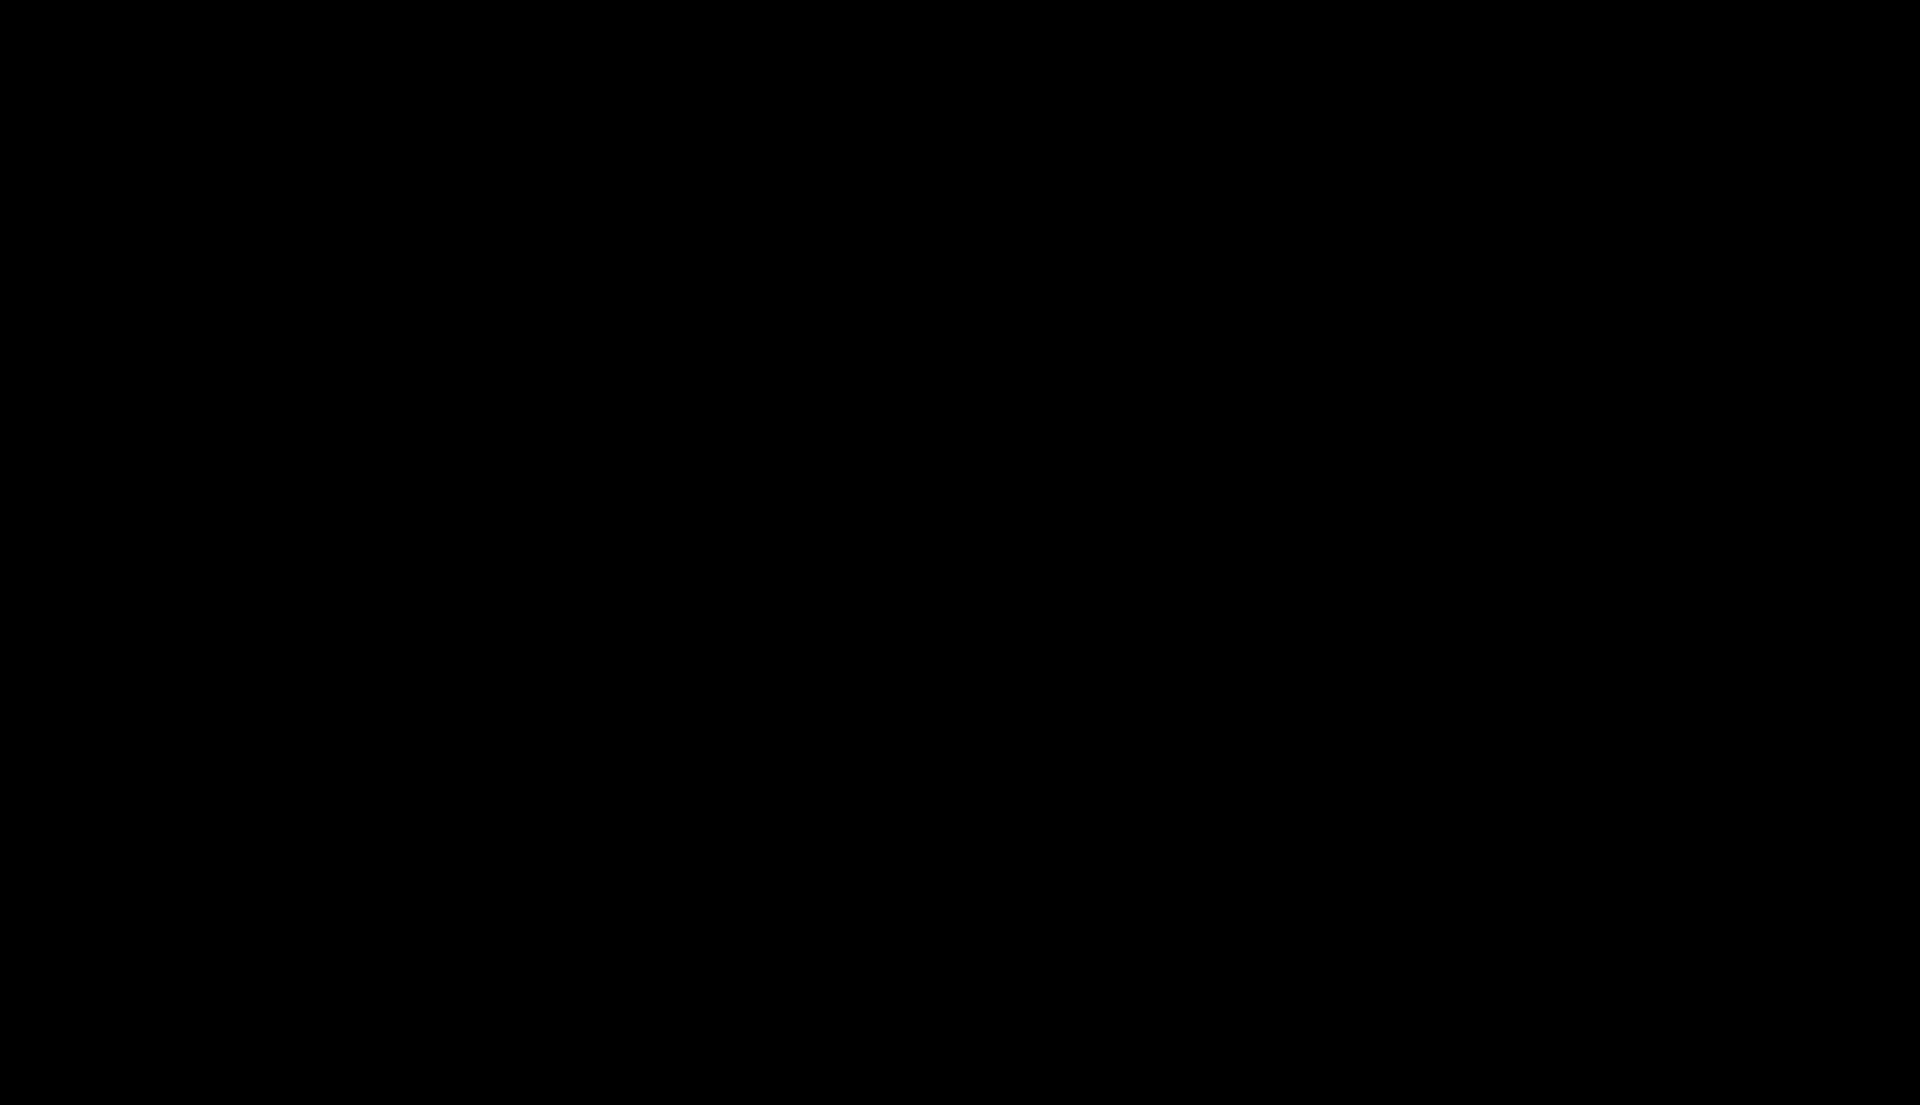 ニーシュホームページ